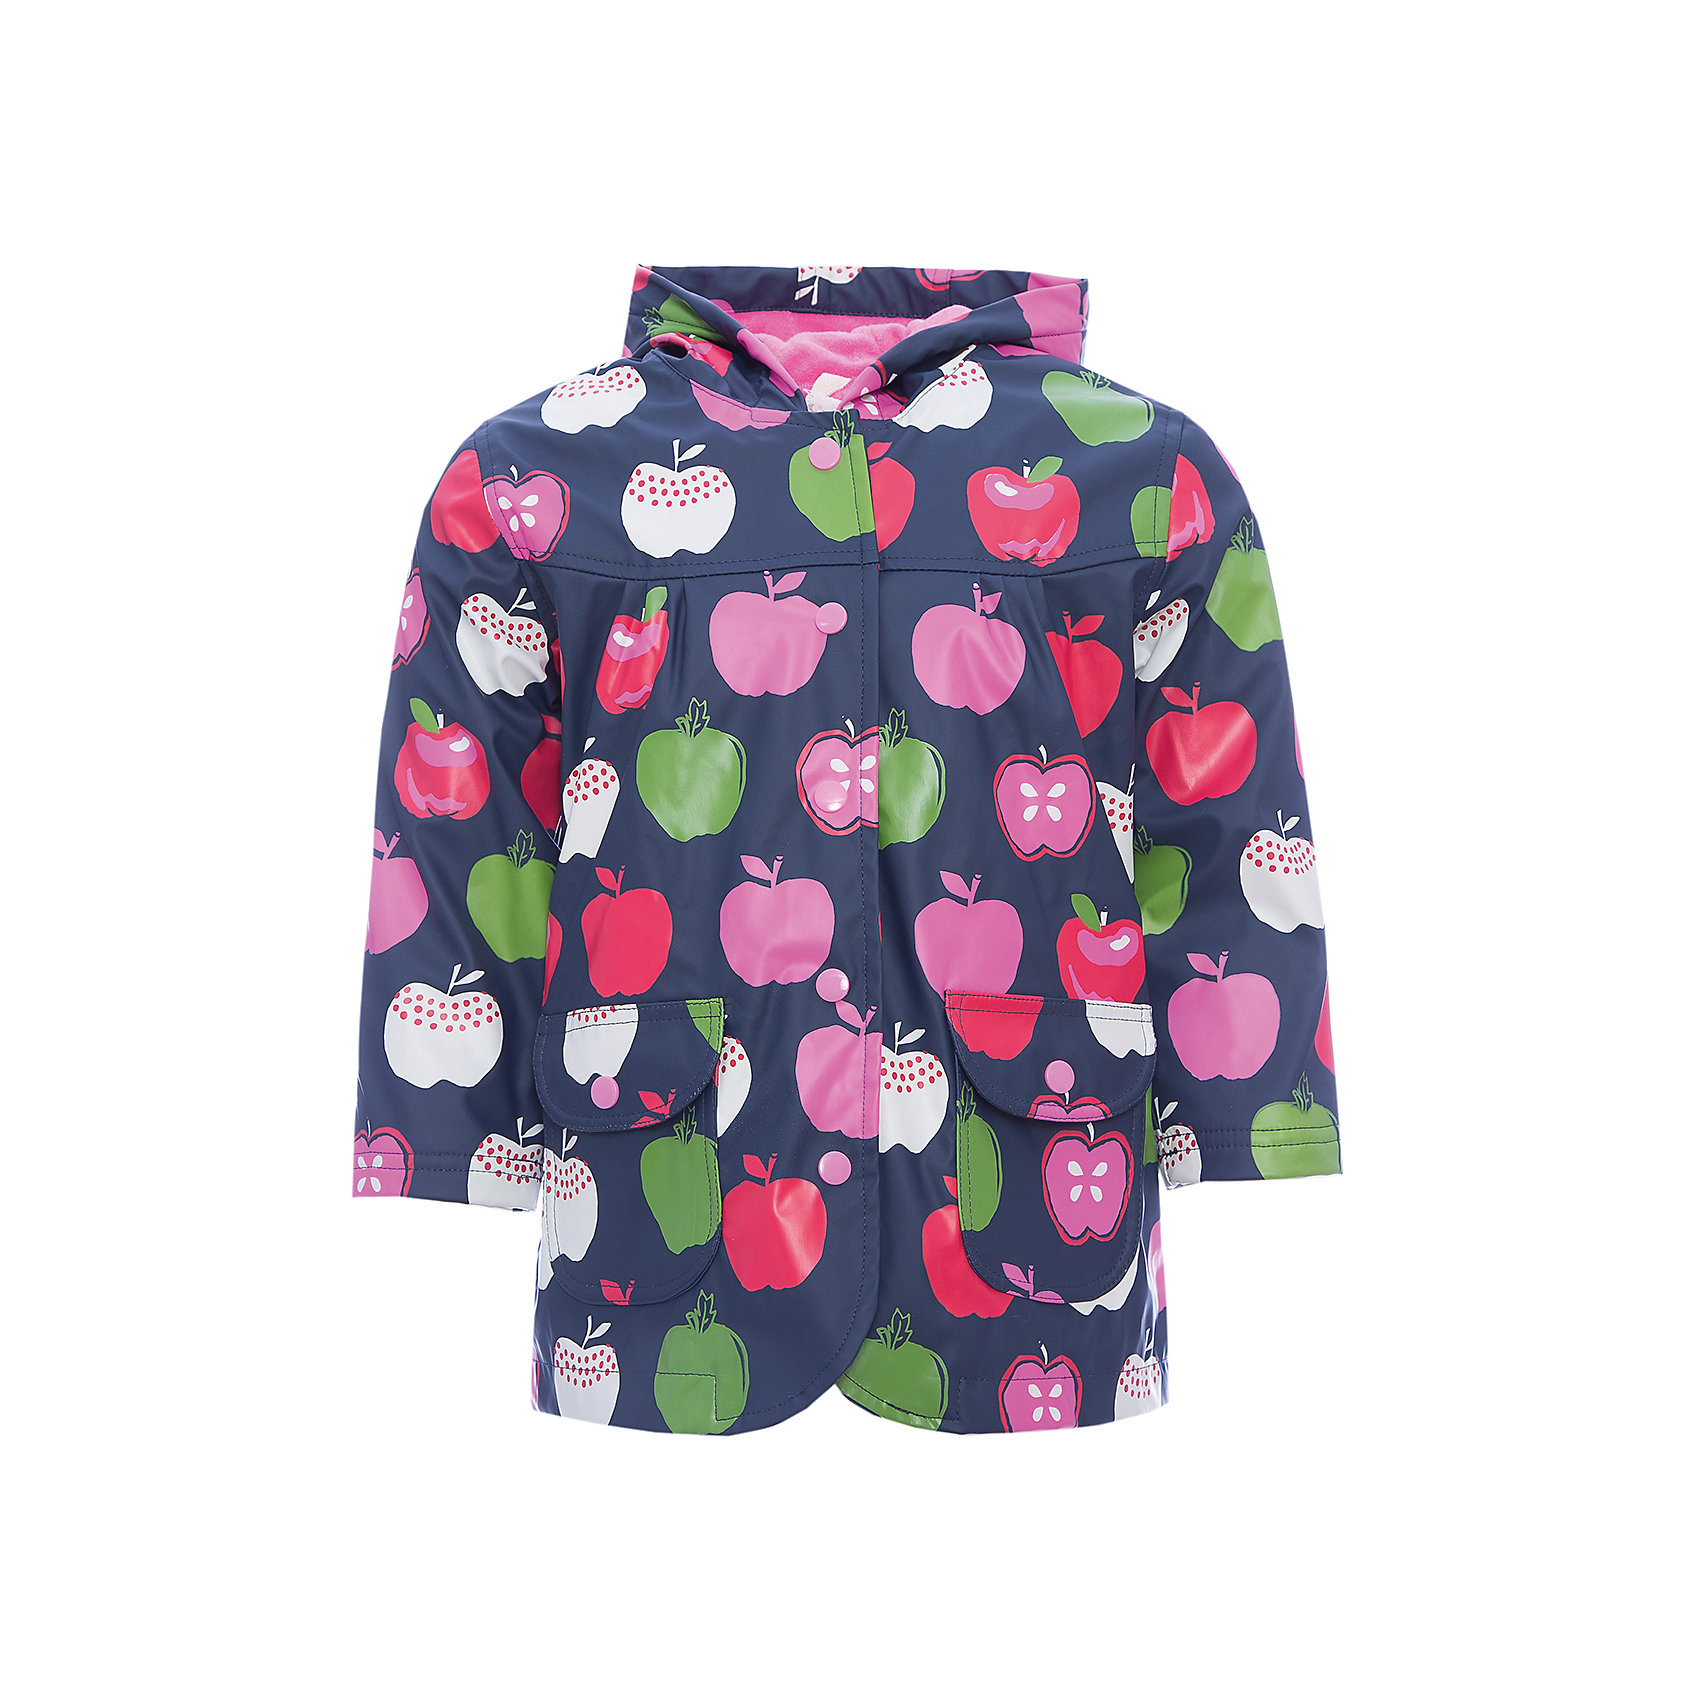 Плащ для девочки HatleyВерхняя одежда<br>Плащ для девочки Hatley<br><br>Характеристики:<br><br>• Состав: верх - 100%полиуретан, подкладка -100% полиэстер<br>• Цвет: черный<br><br>Красивый и яркий плащ с уникальным дизайном не оставит ребенка равнодушным. У плаща два небольших кармана, удобный капюшон и крючок, чтобы повесить вещь на вешалку. Внутри плаща махровая подкладка, которая придает дополнительное тепло. Застегивается плащ на пуговки, которые может застегнуть ребенок самостоятельно. <br><br>Плащ для девочки Hatley можно купить в нашем интернет-магазине.<br><br>Ширина мм: 356<br>Глубина мм: 10<br>Высота мм: 245<br>Вес г: 519<br>Цвет: черный<br>Возраст от месяцев: 36<br>Возраст до месяцев: 48<br>Пол: Женский<br>Возраст: Детский<br>Размер: 104,92,122,110,116,98<br>SKU: 5020820